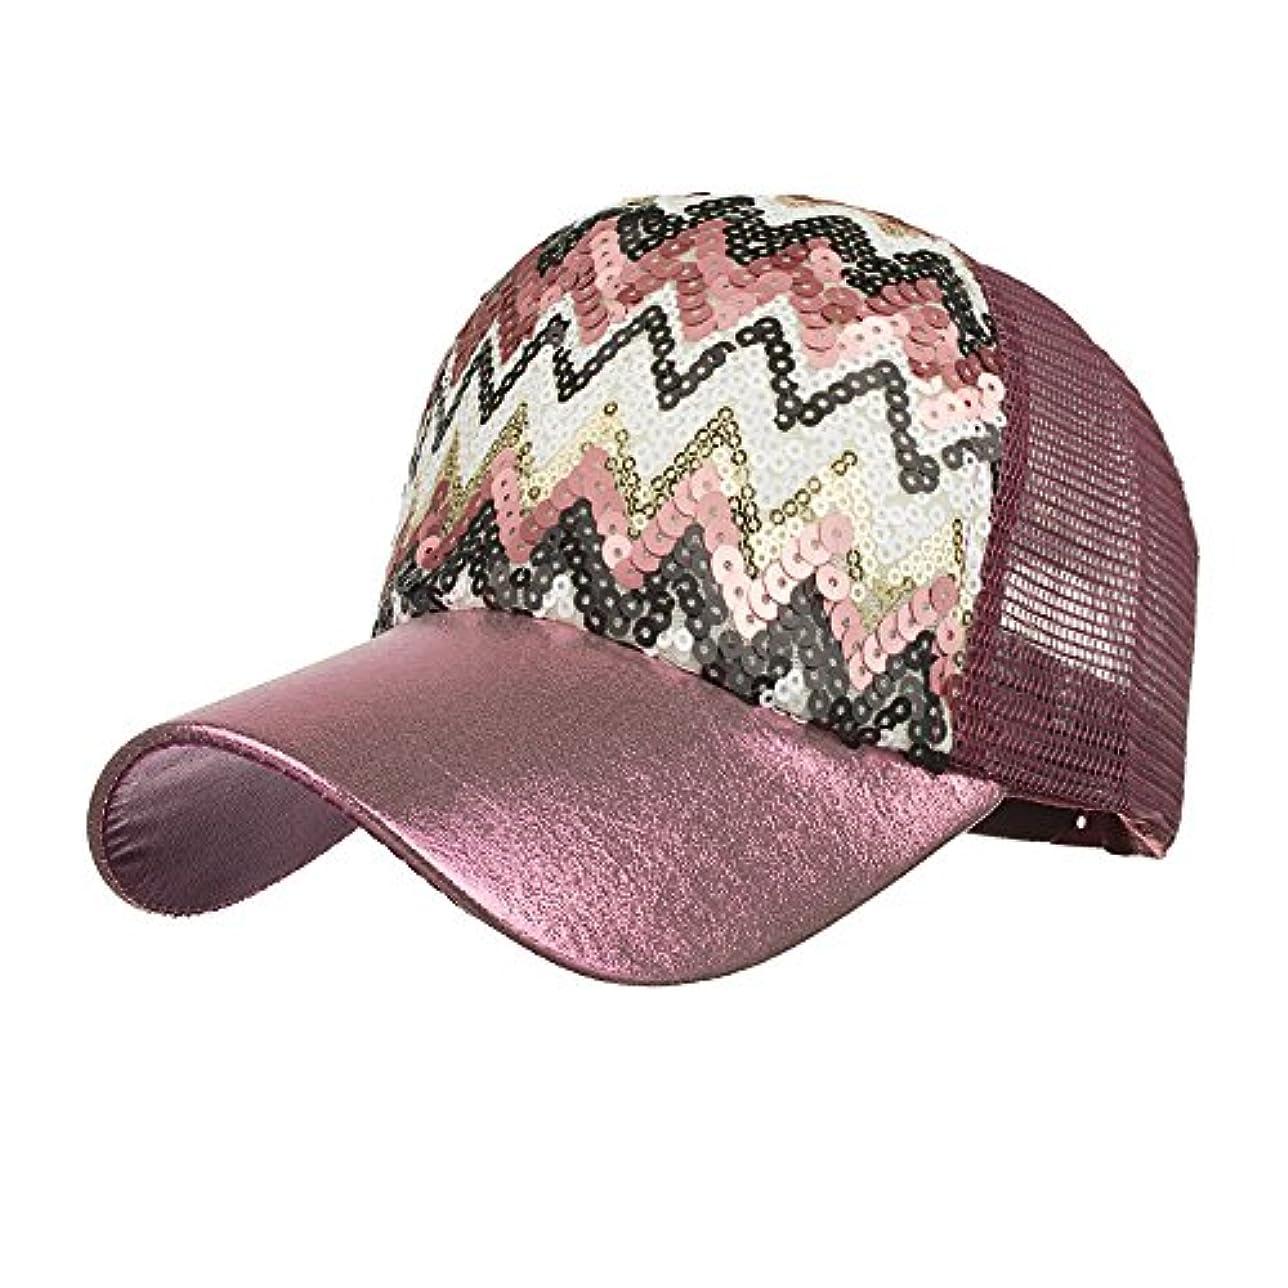 弁護彼女お誕生日Racazing Cap 輝く棒球帽 カラーマッチング 野球帽 ヒップホップ 通気性のある ラインストーン 帽子 夏 登山 アメリカの旗 可調整可能 男女兼用 UV 帽子 軽量 屋外 メッシュ Unisex Cap (紫の)